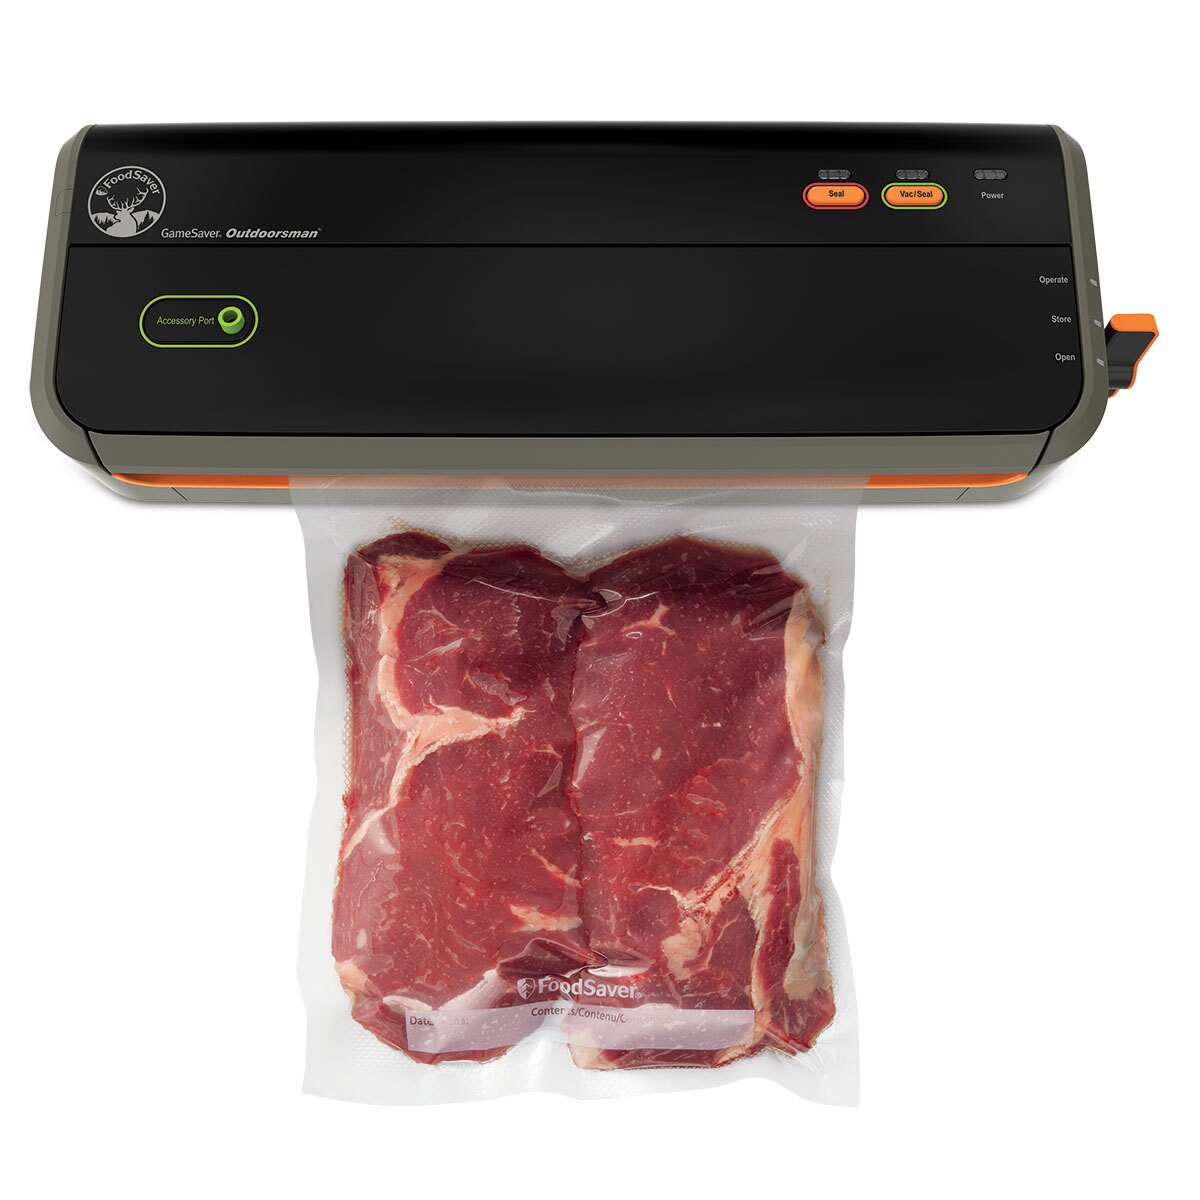 The NEW FoodSaver GameSaver® Outdoorsman™ GM2050 Food Preservation System GM2050-000 1